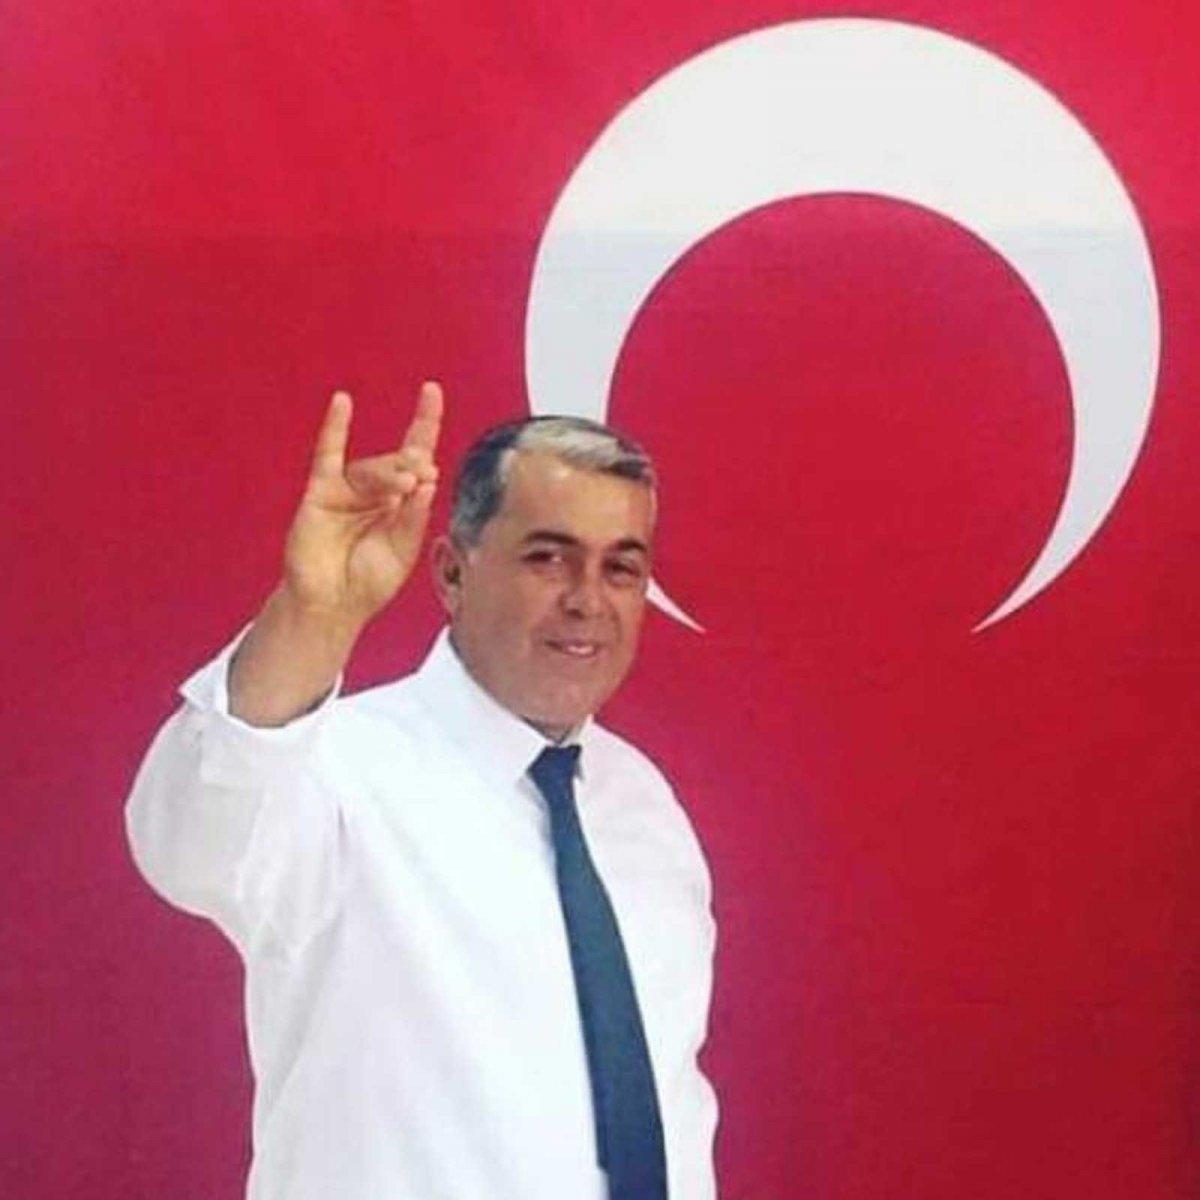 MHP Araban İlçe Başkanı Gör, trafik kazasında hayatını kaybetti #2